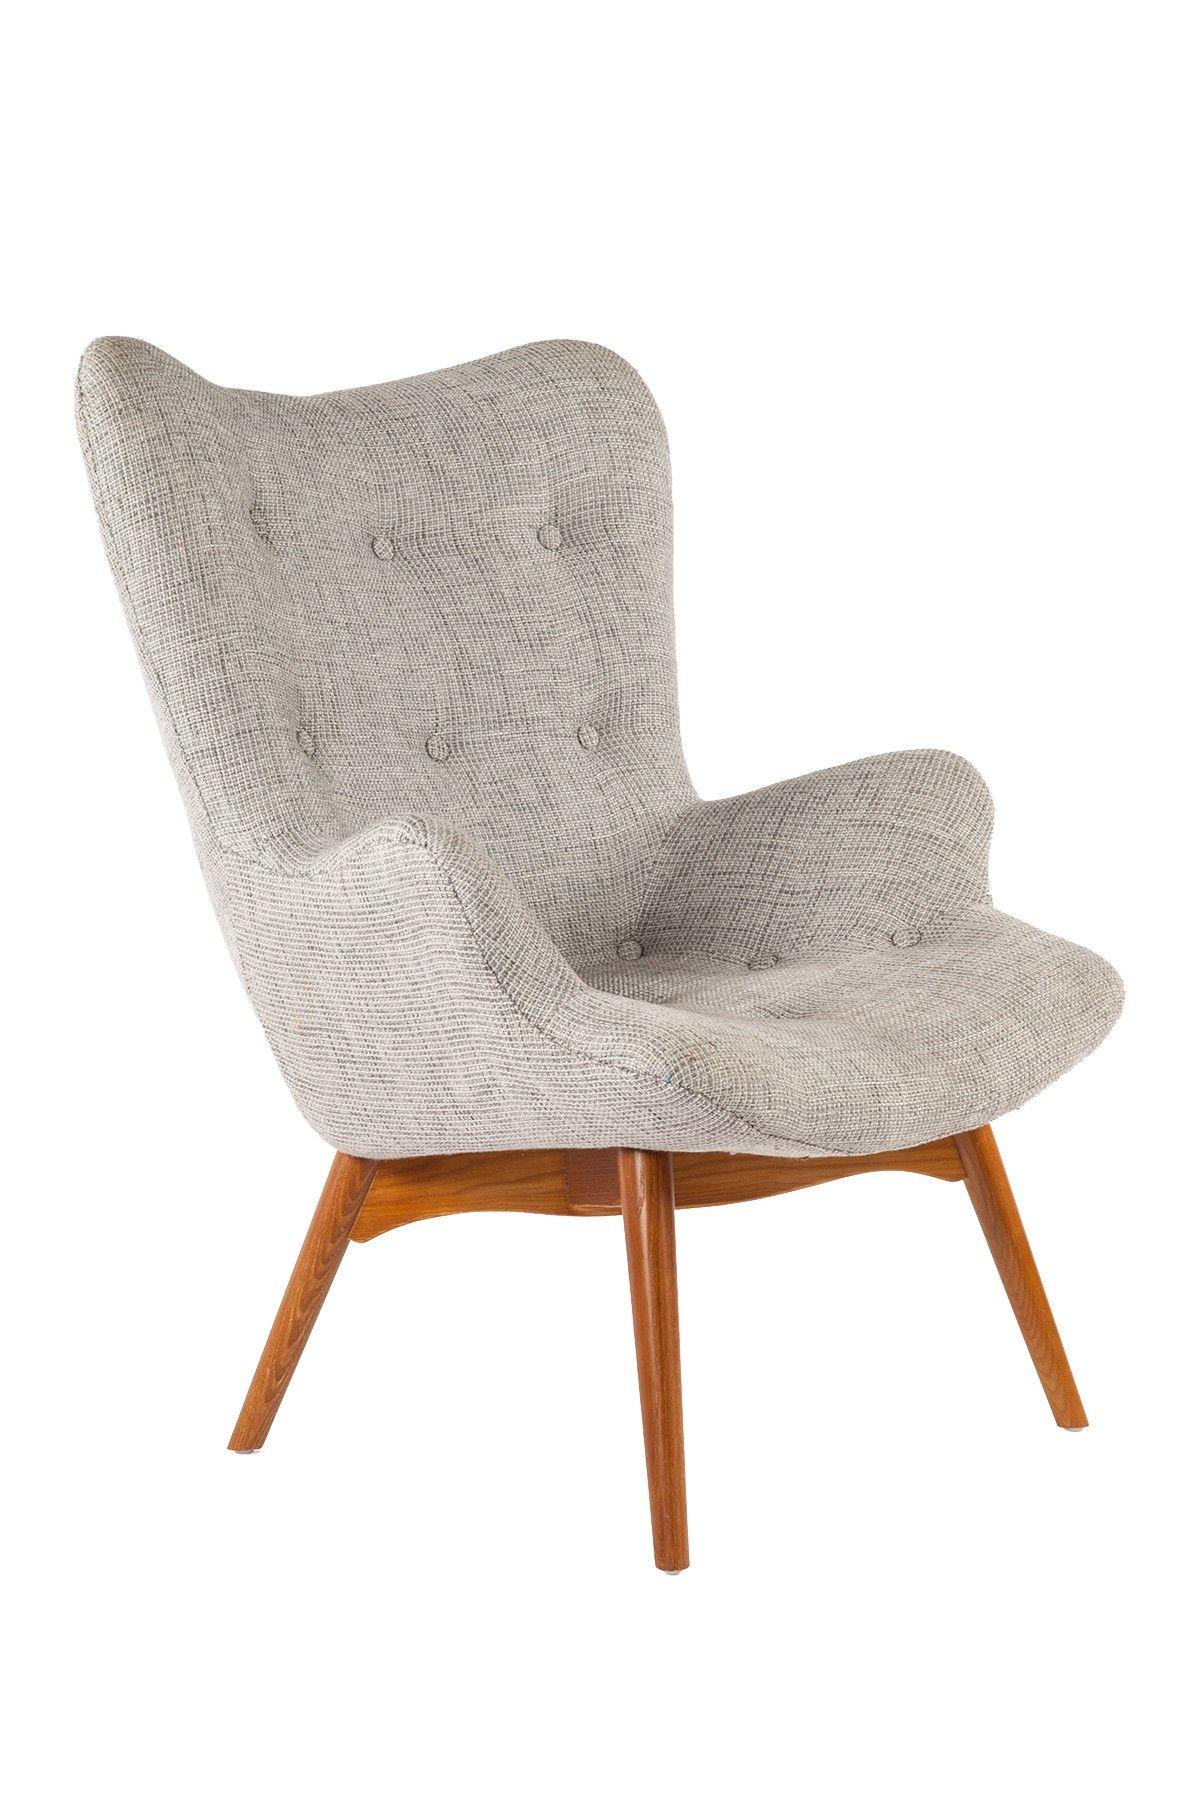 Control brand teddy bear grey chair nesting pinterest grey